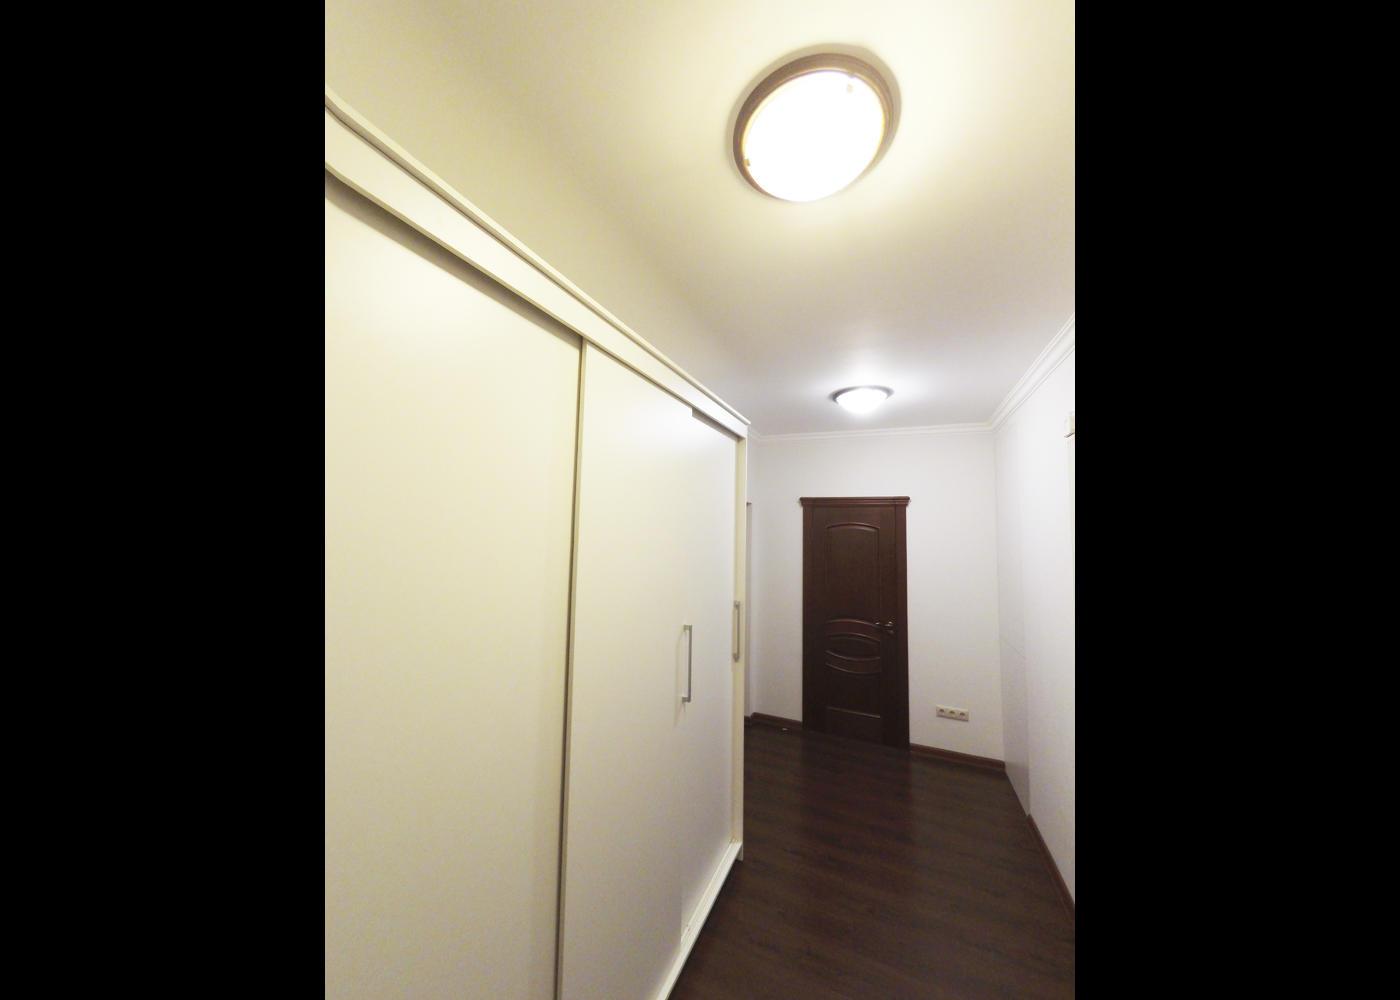 Ремонт квартир недорого: стоимость отделки помещений в